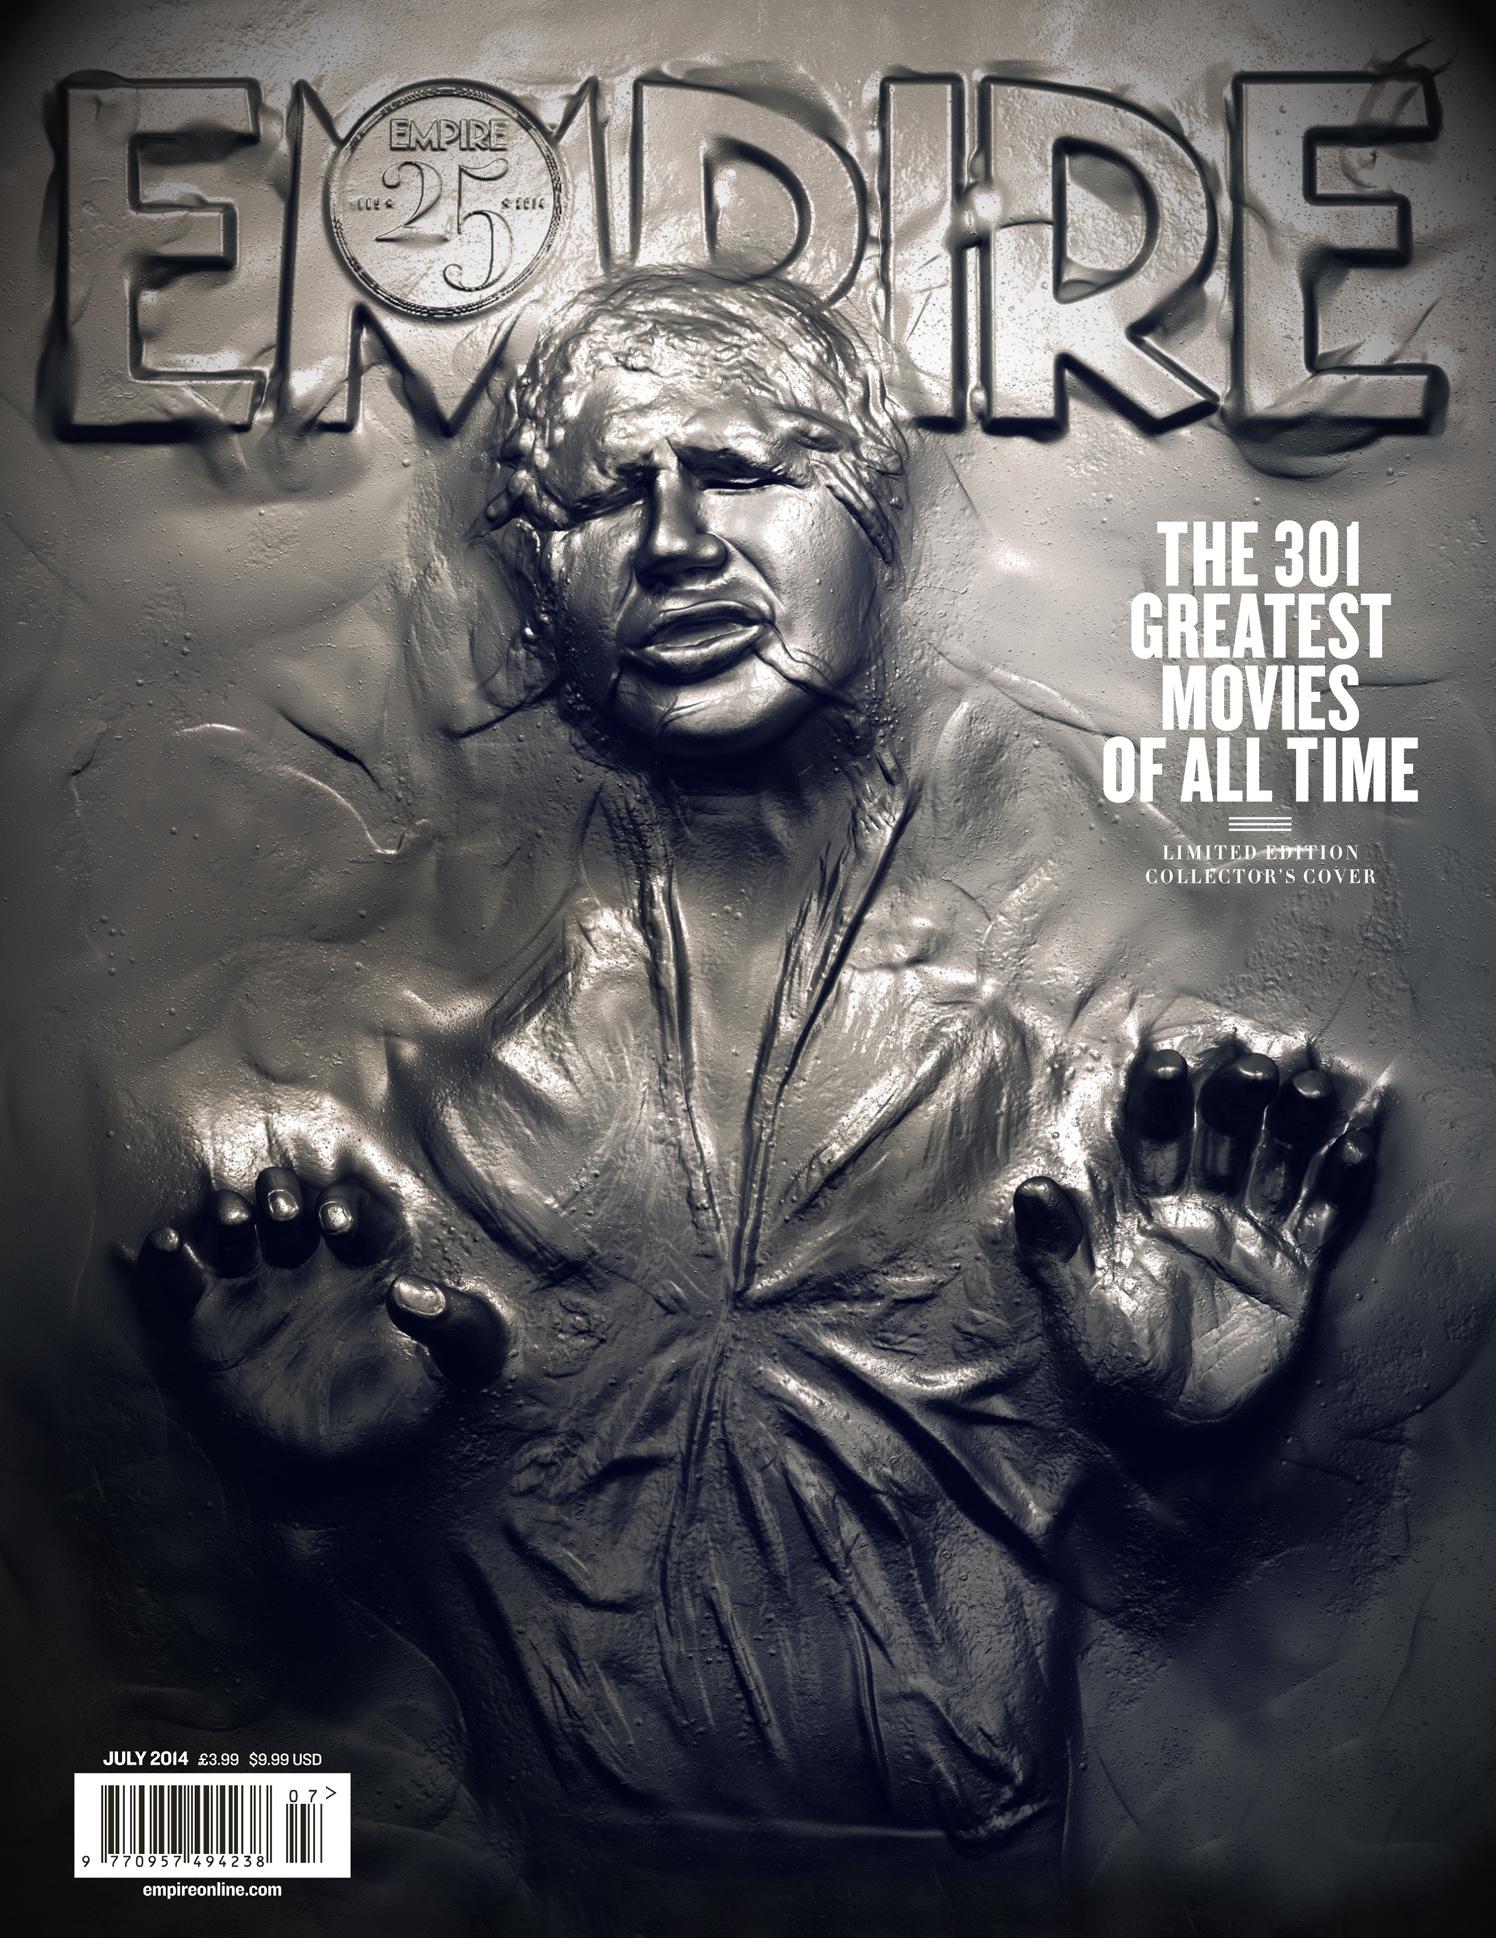 Han Solo / Empire Magazine